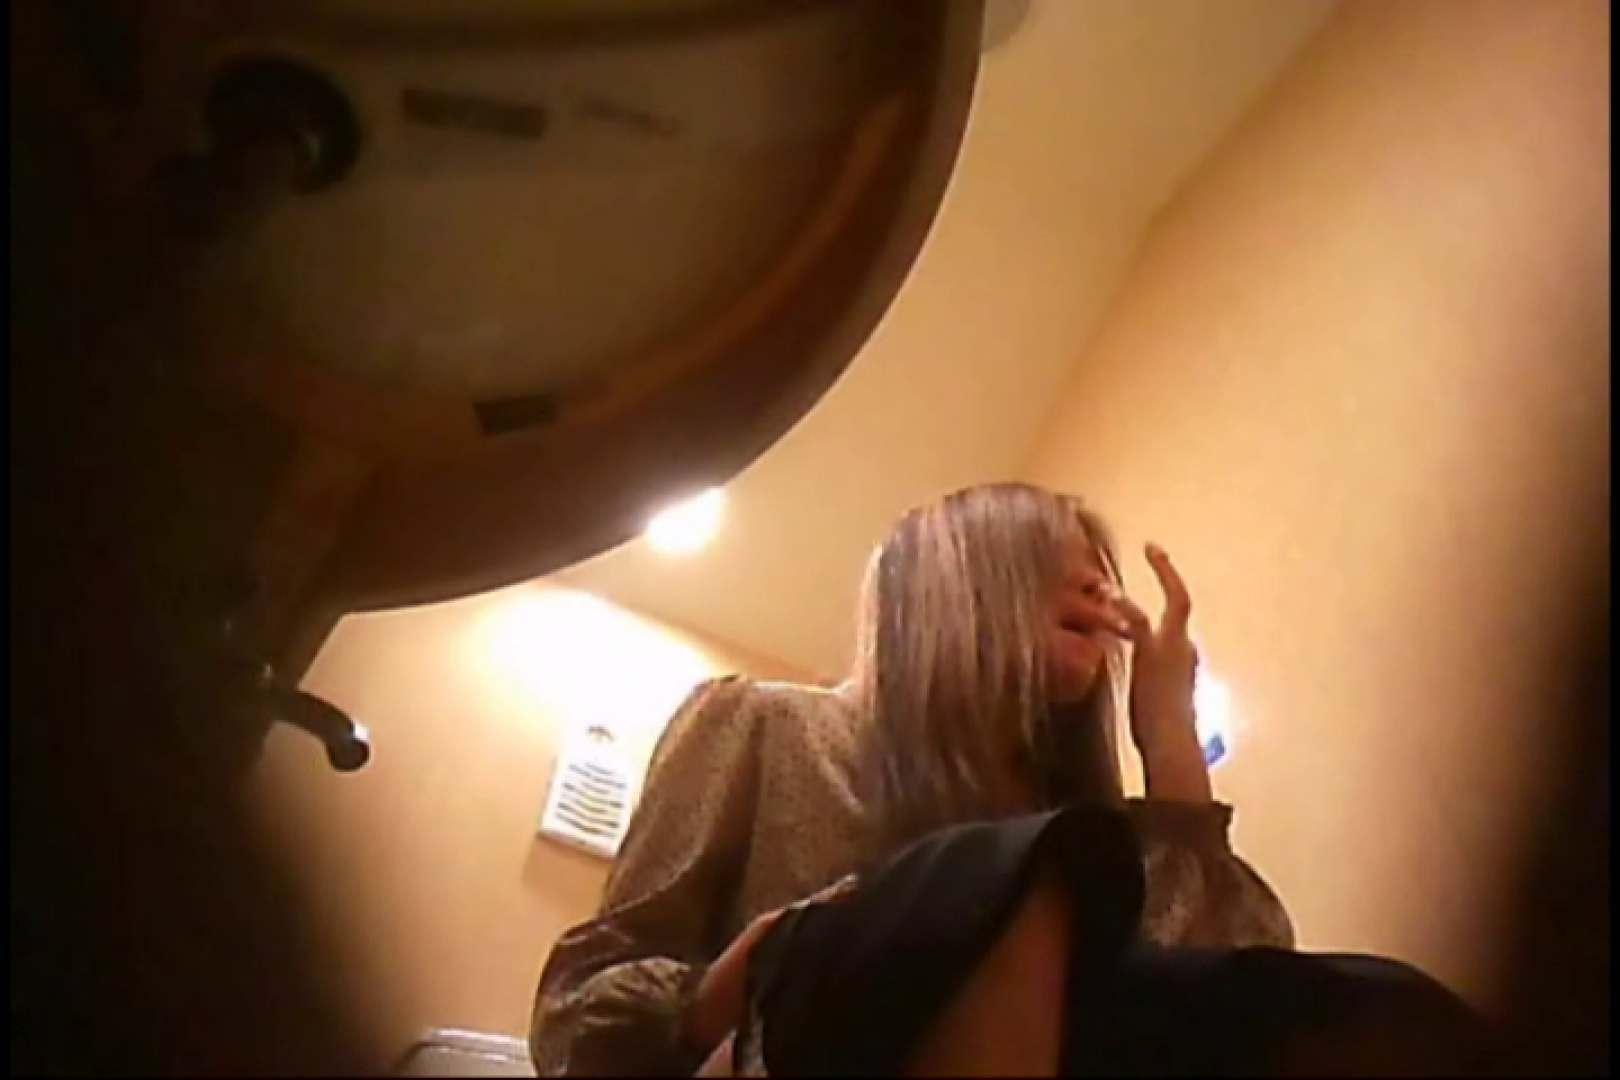 潜入!!女子化粧室盗撮~絶対見られたくない時間~vo,111 お尻 隠し撮りおまんこ動画流出 100画像 78